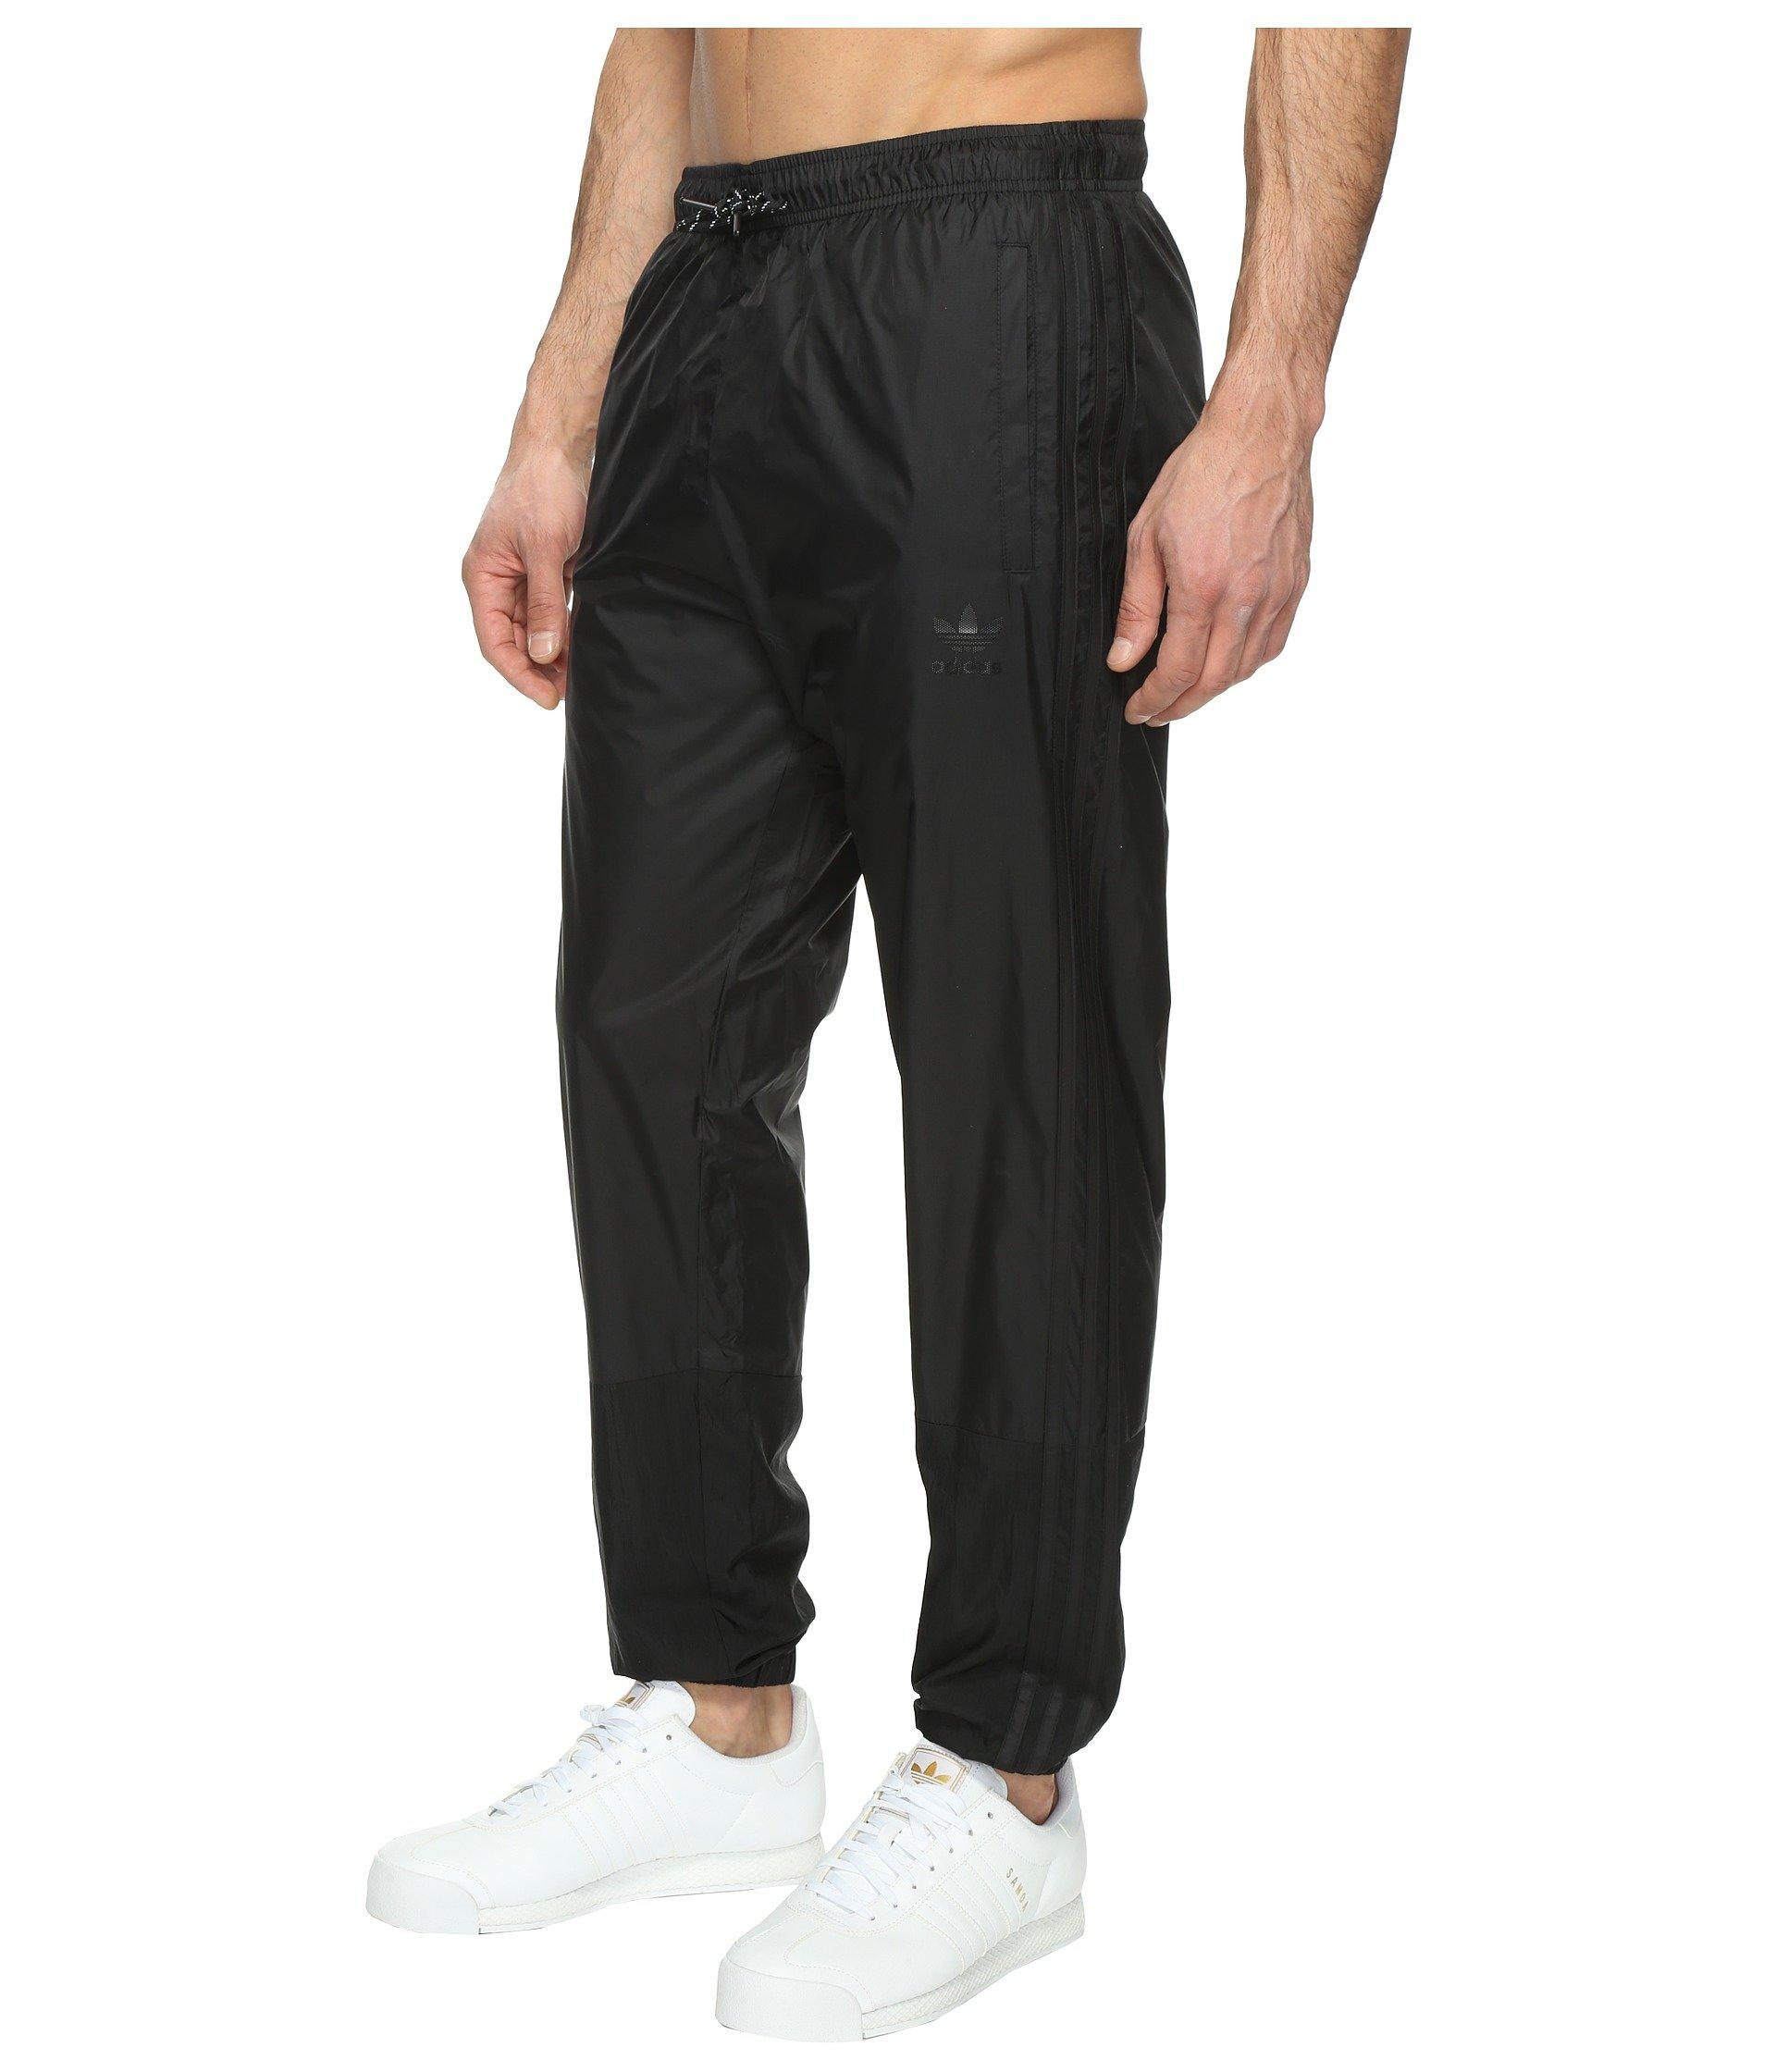 adidas originals berlin open hem pants at 6pm. Black Bedroom Furniture Sets. Home Design Ideas